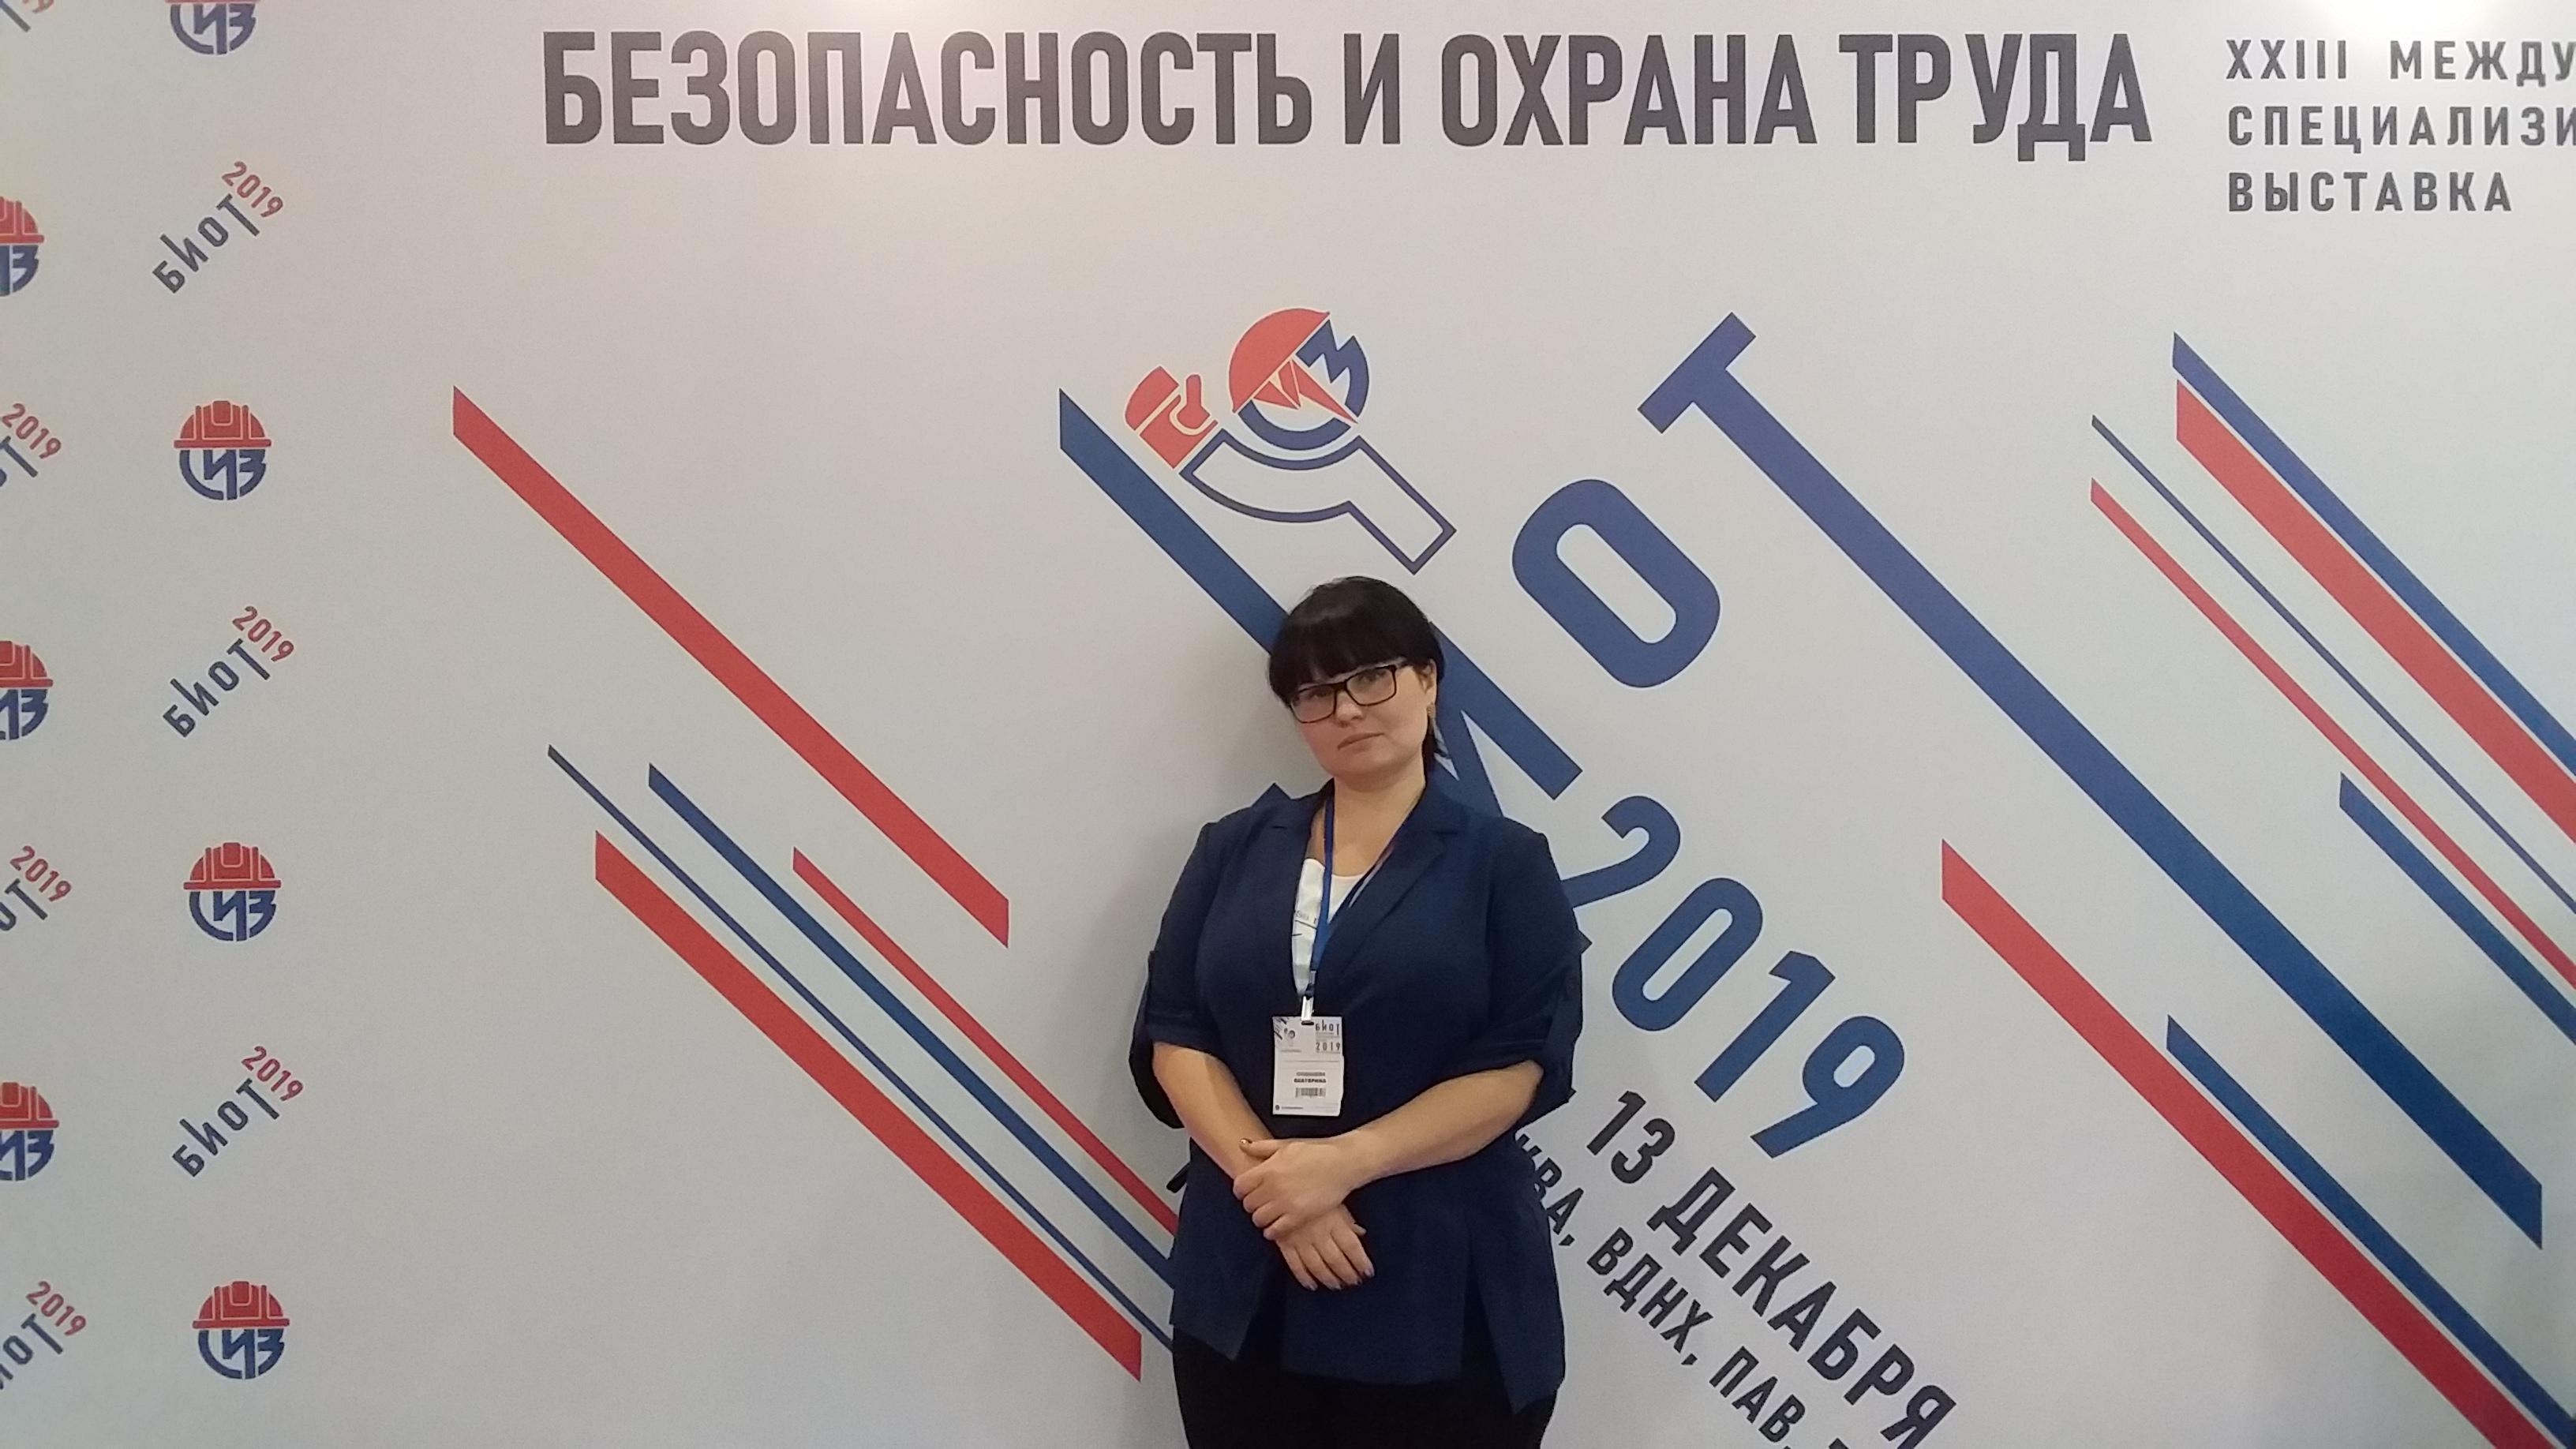 XXIII Международная специализированная выставка «Безопасность и Охрана труда»